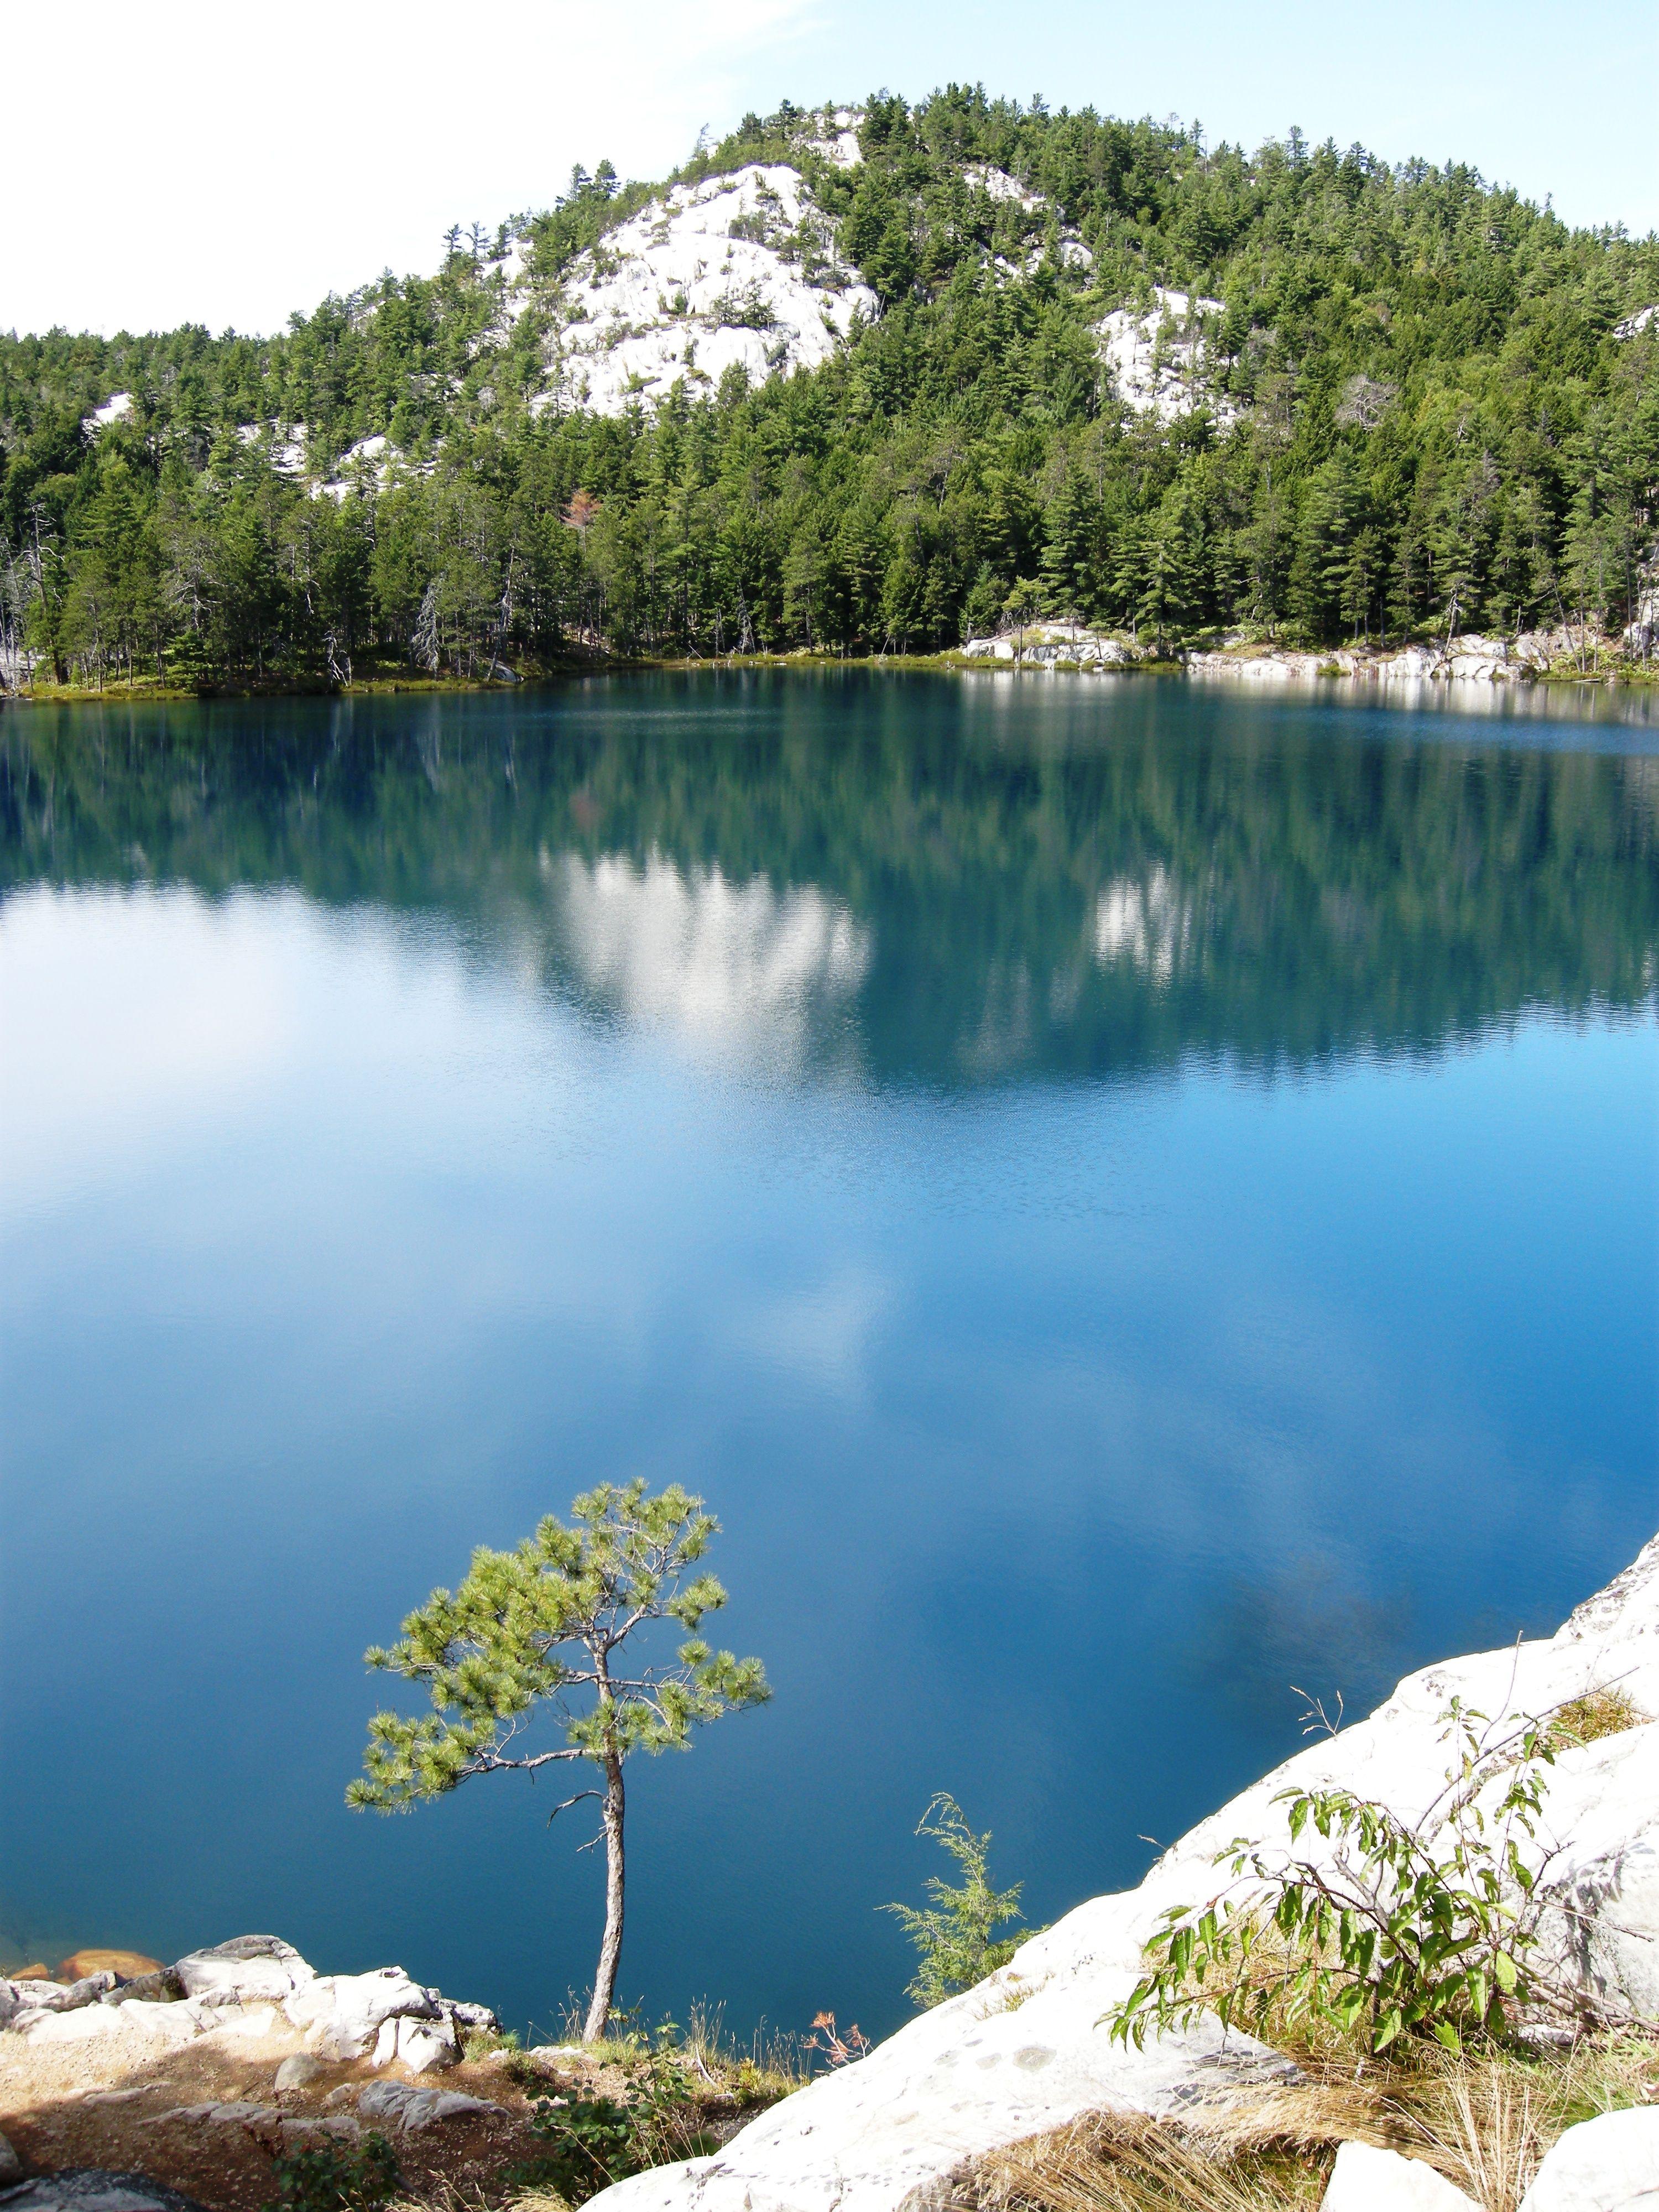 Lake Topaz, Killarney Provincial Park; I've sat down by